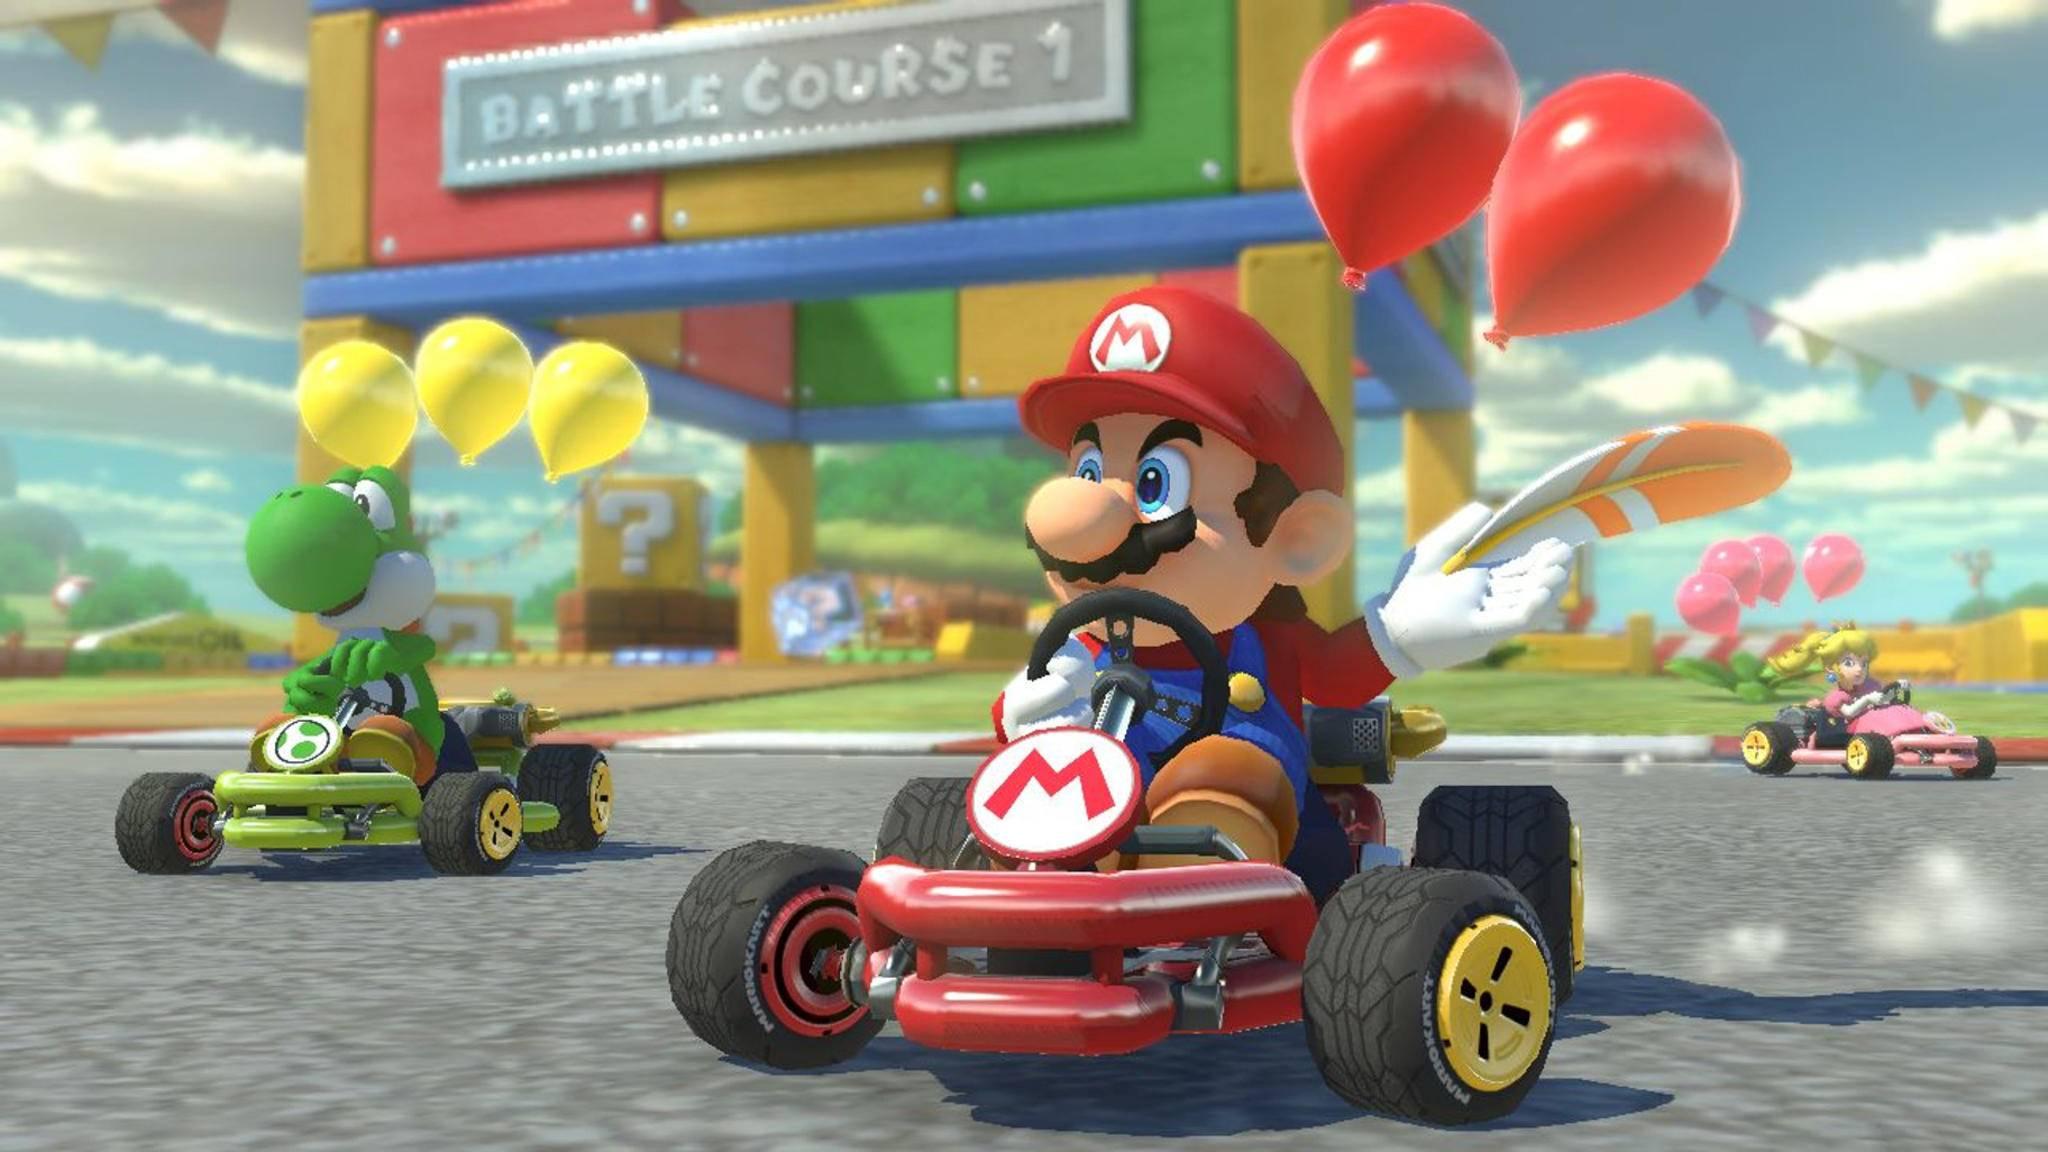 """Mit der richtigen Technik und ein paar kleinen Tricks wirst Du in """"Mario Kart 8 Deluxe"""" schnell zum Kartprofi!"""